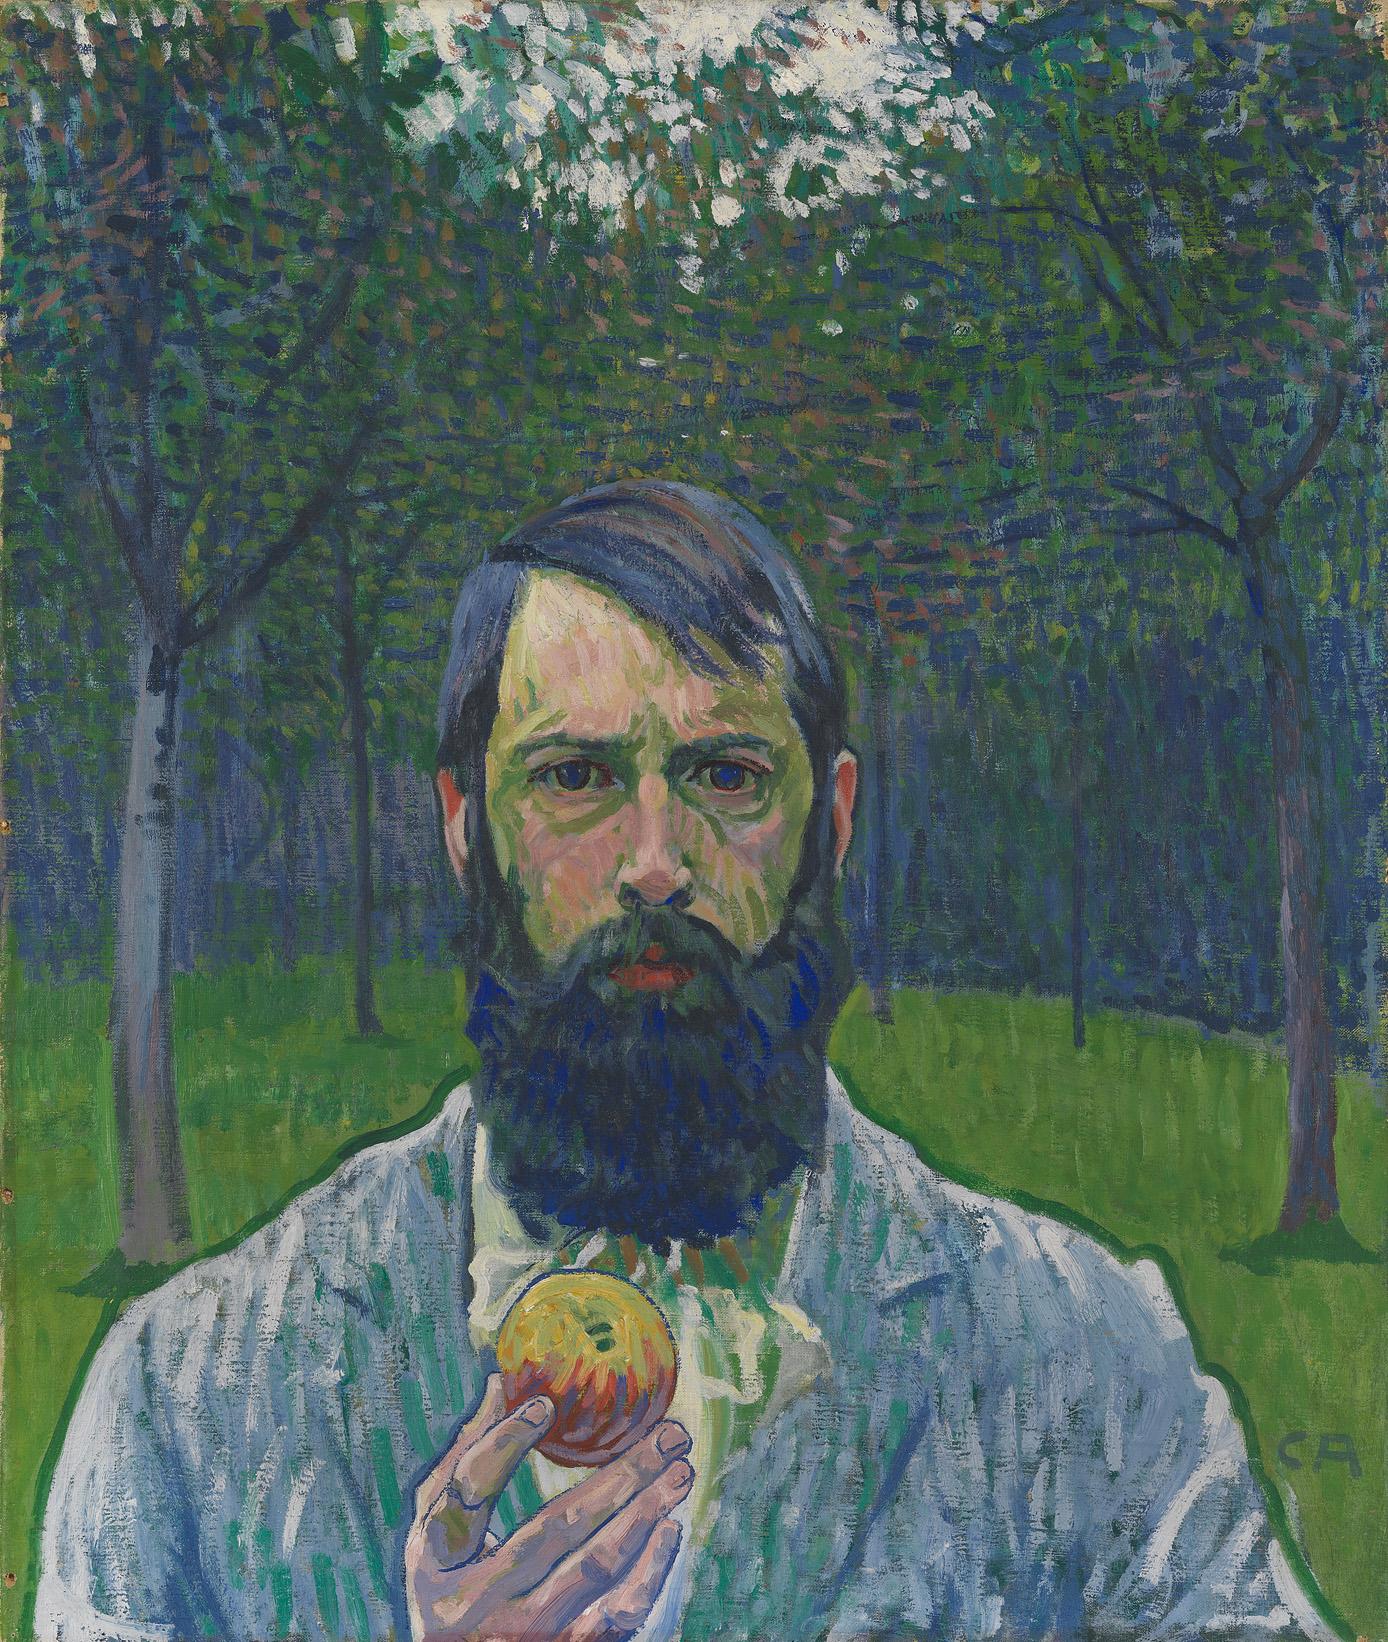 Cuno Amiet, Selbstbildnis mit Apfel, 1901/02